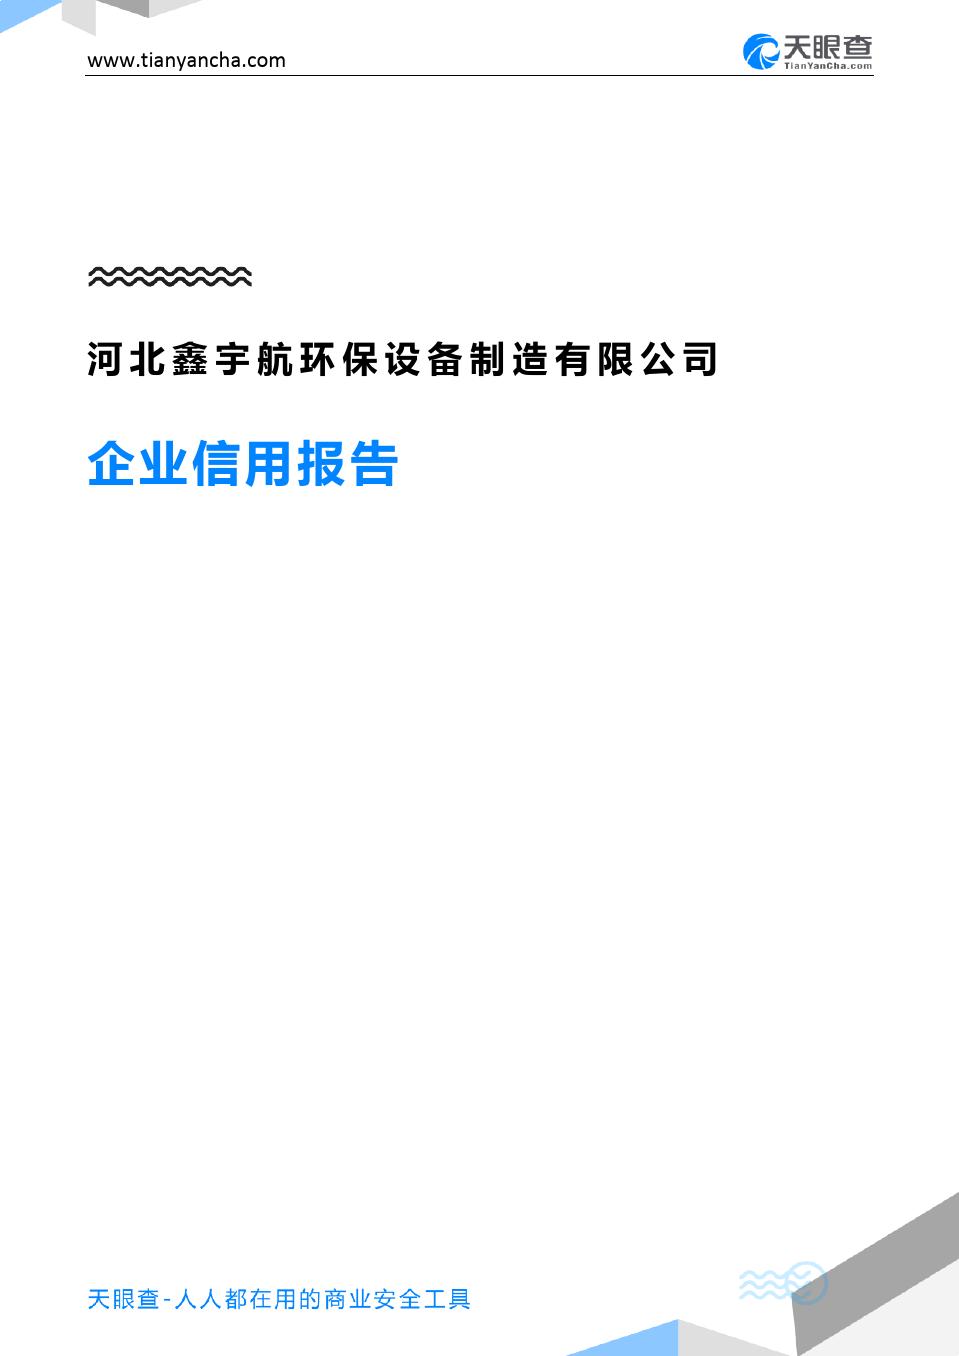 河北鑫宇航环保设备制造有限公司(企业信用报告)- 天眼查